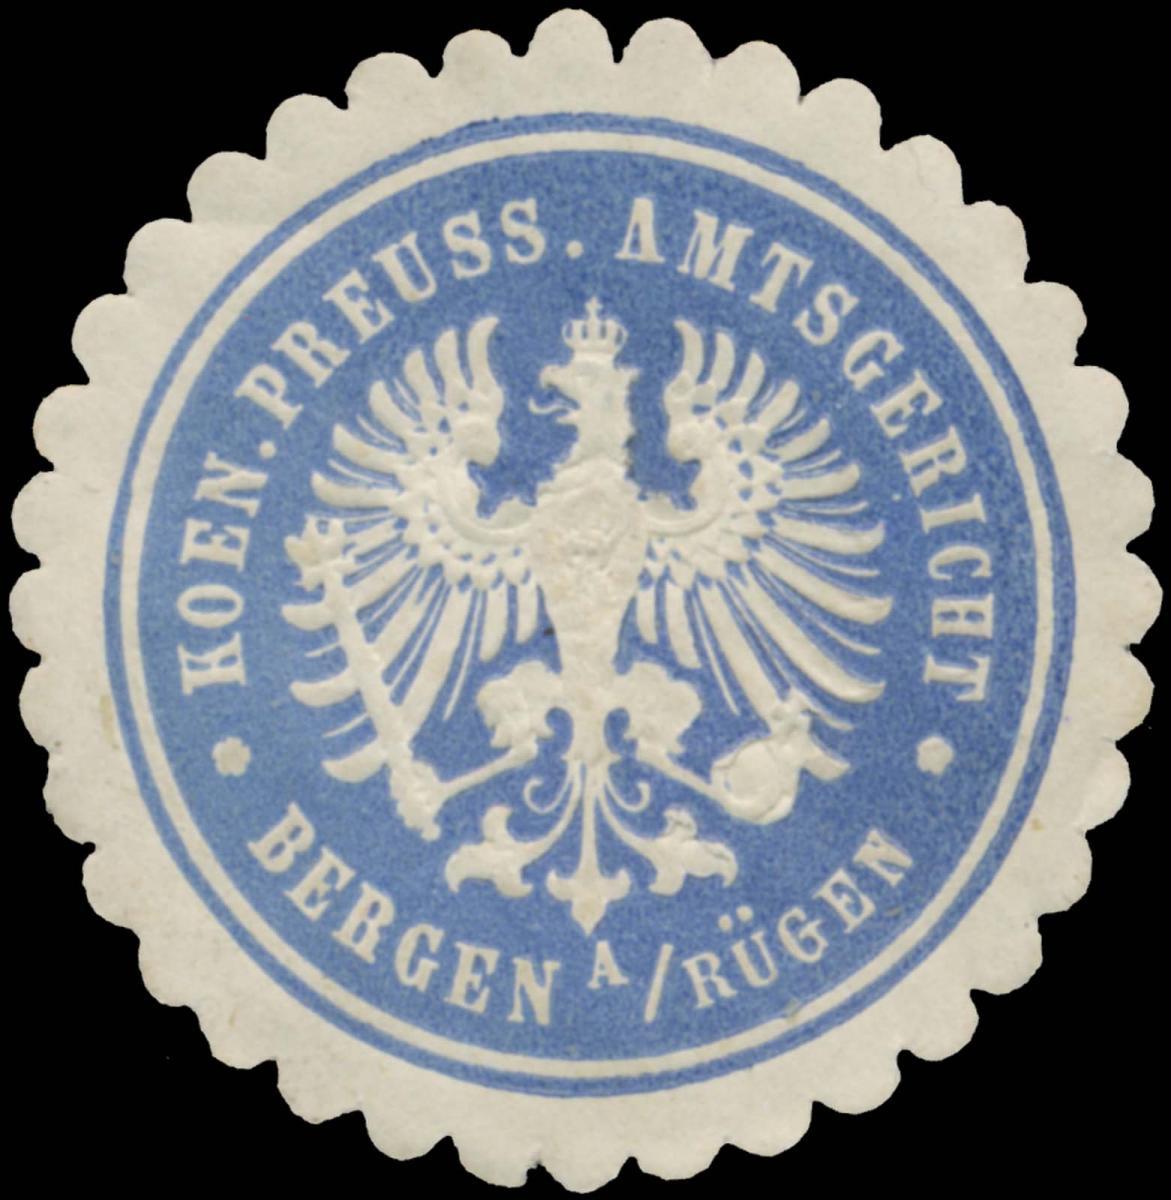 K.Pr. Amtsgericht Bergen auf Rügen